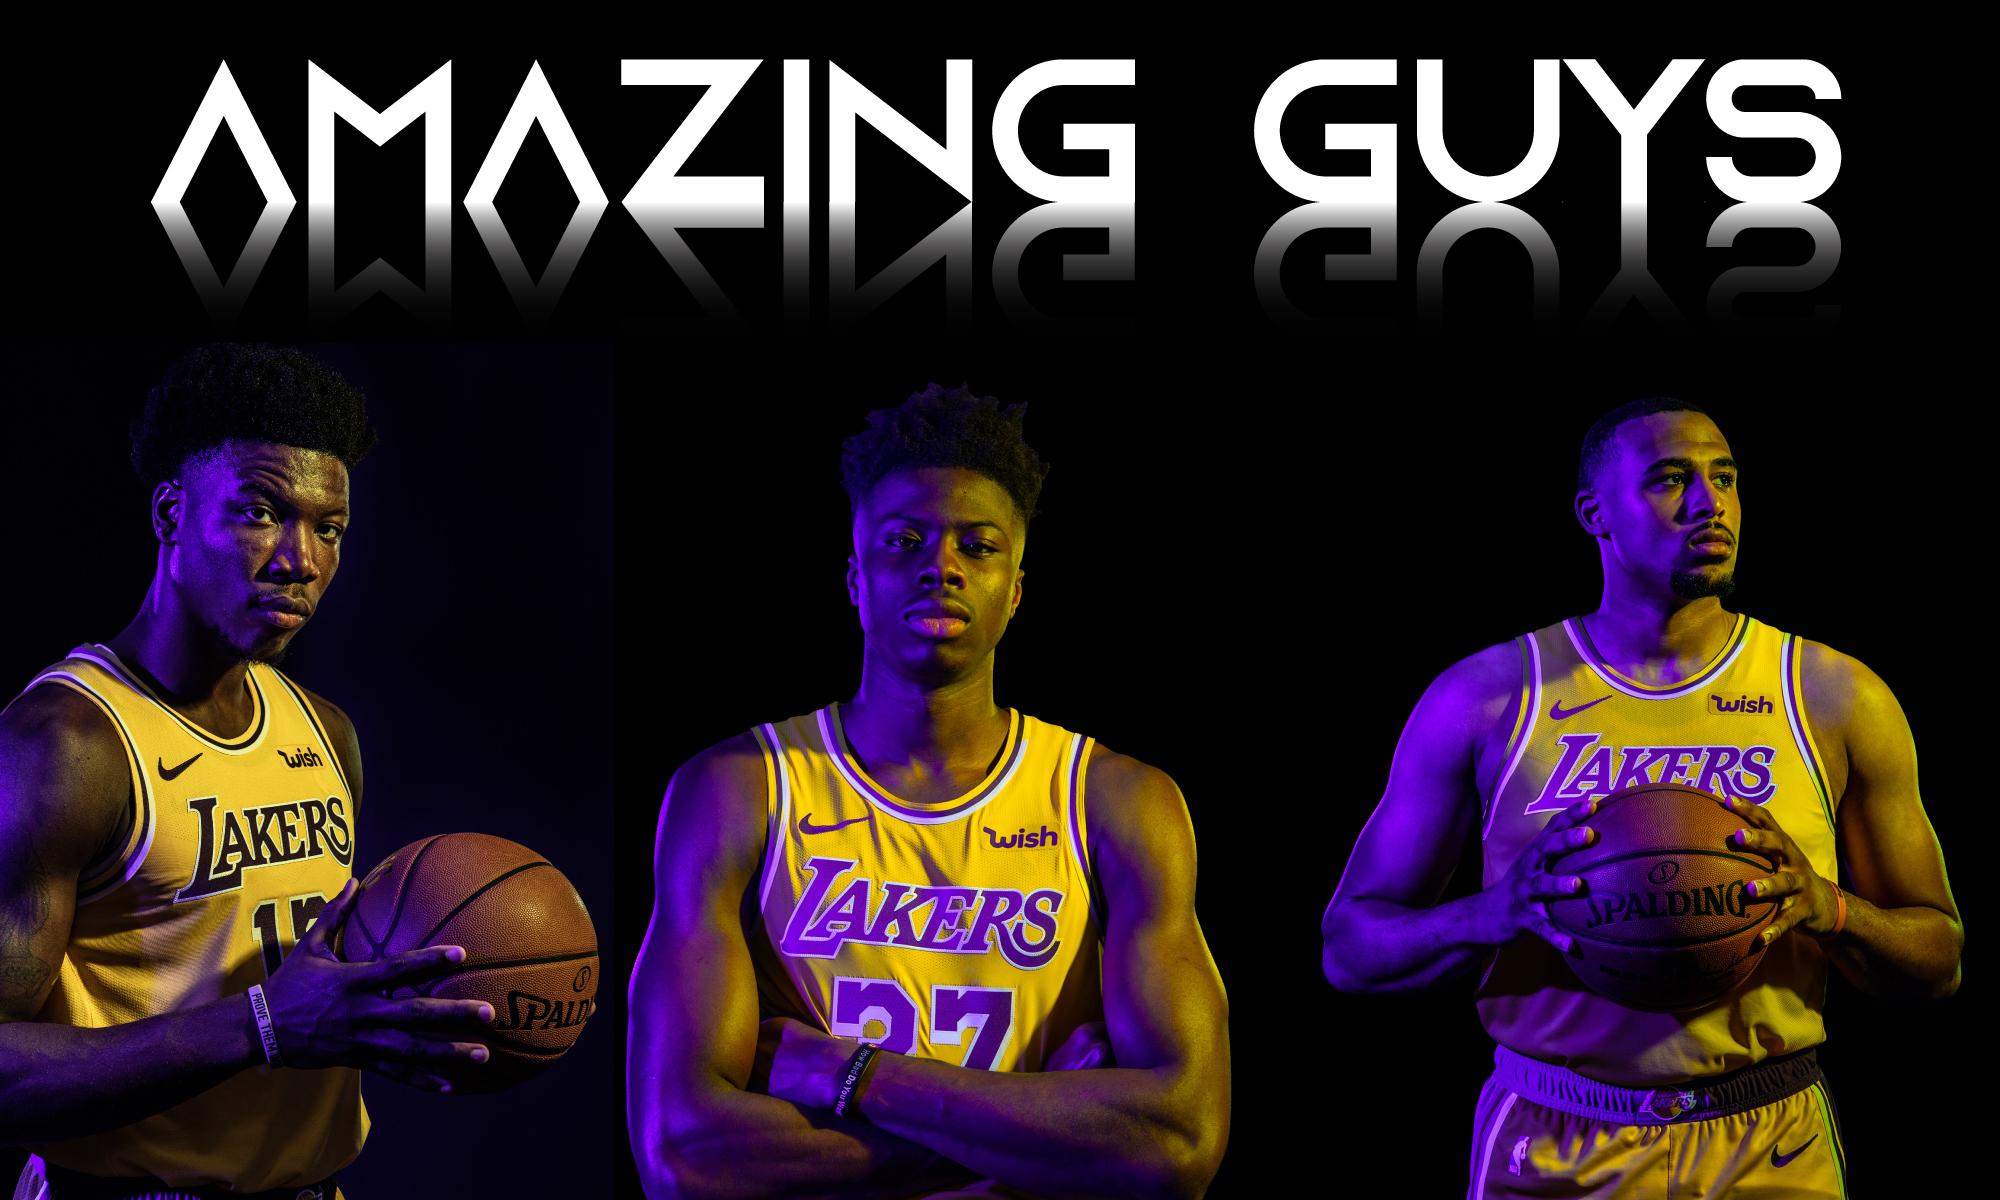 Amazing Guys